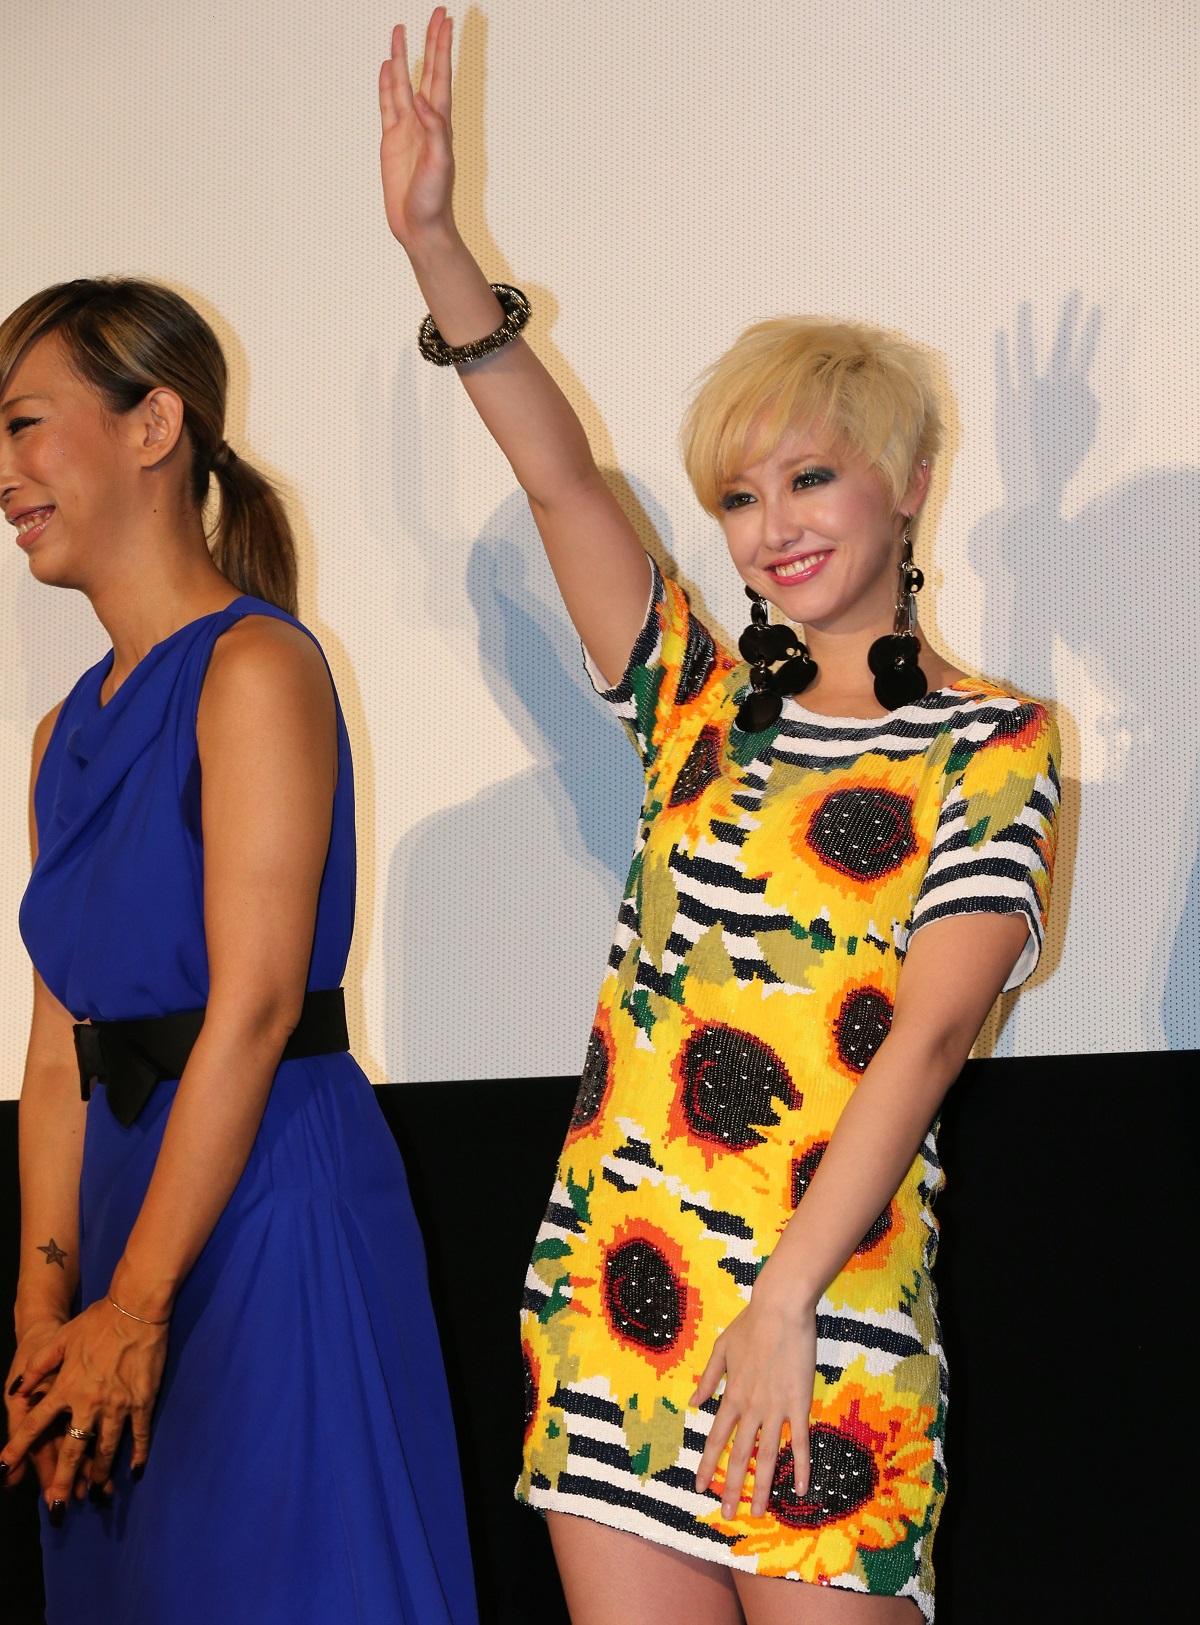 「ヘルタースケルター」の舞台あいさつを終え、手を振る沢尻エリカさん。左は蜷川実花監督2012年